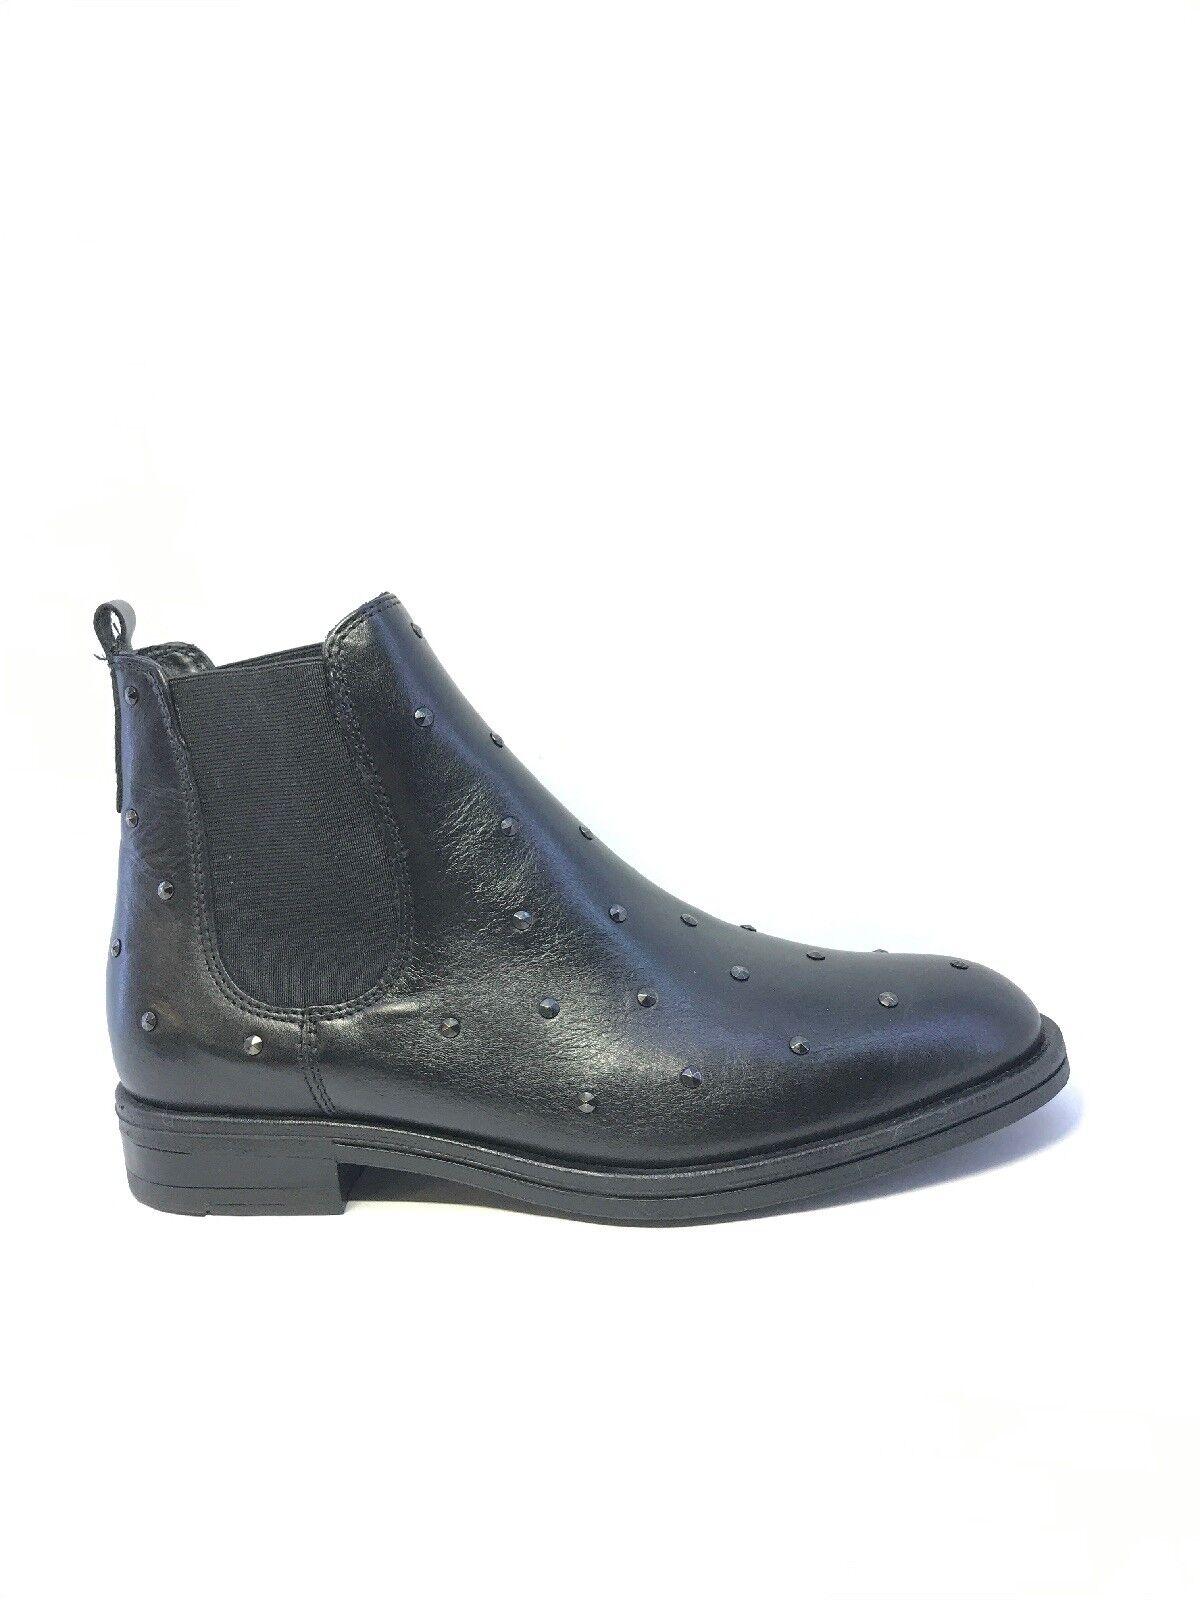 Dei  Colli Ladies nero Studded Chelsea Ankle stivali Dimensione EU 38  negozio online outlet